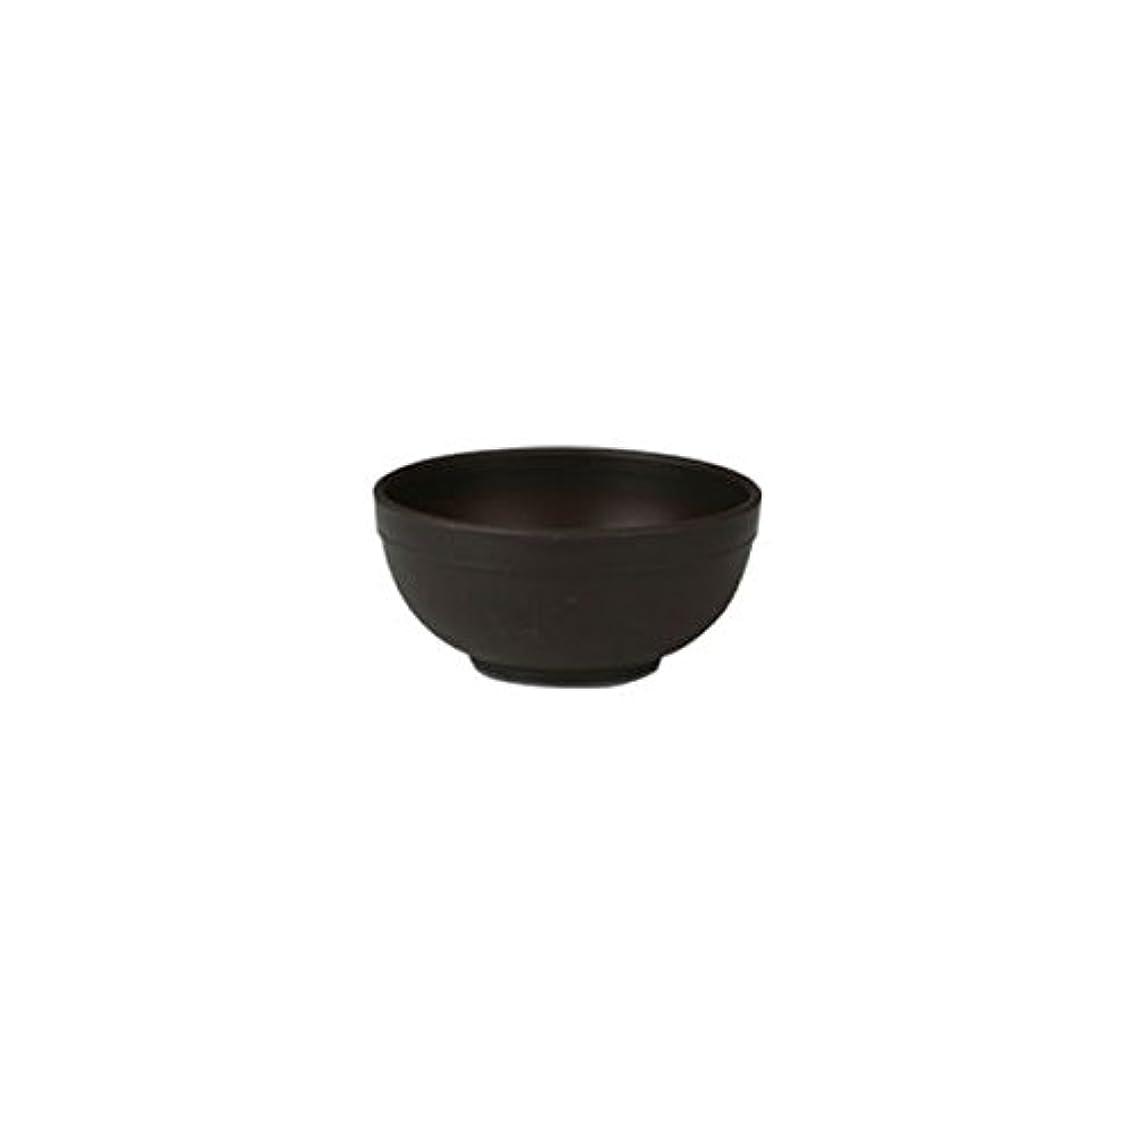 設計図治す著名なマイスター カラーボウル (Sサイズ) 直径6.5cm ブラウン [ カラーボール プラスチックボウル プラスチックボール カップボウル カップボール エステ サロン プラスチック ボウル カップ 割れない 歯科 ]